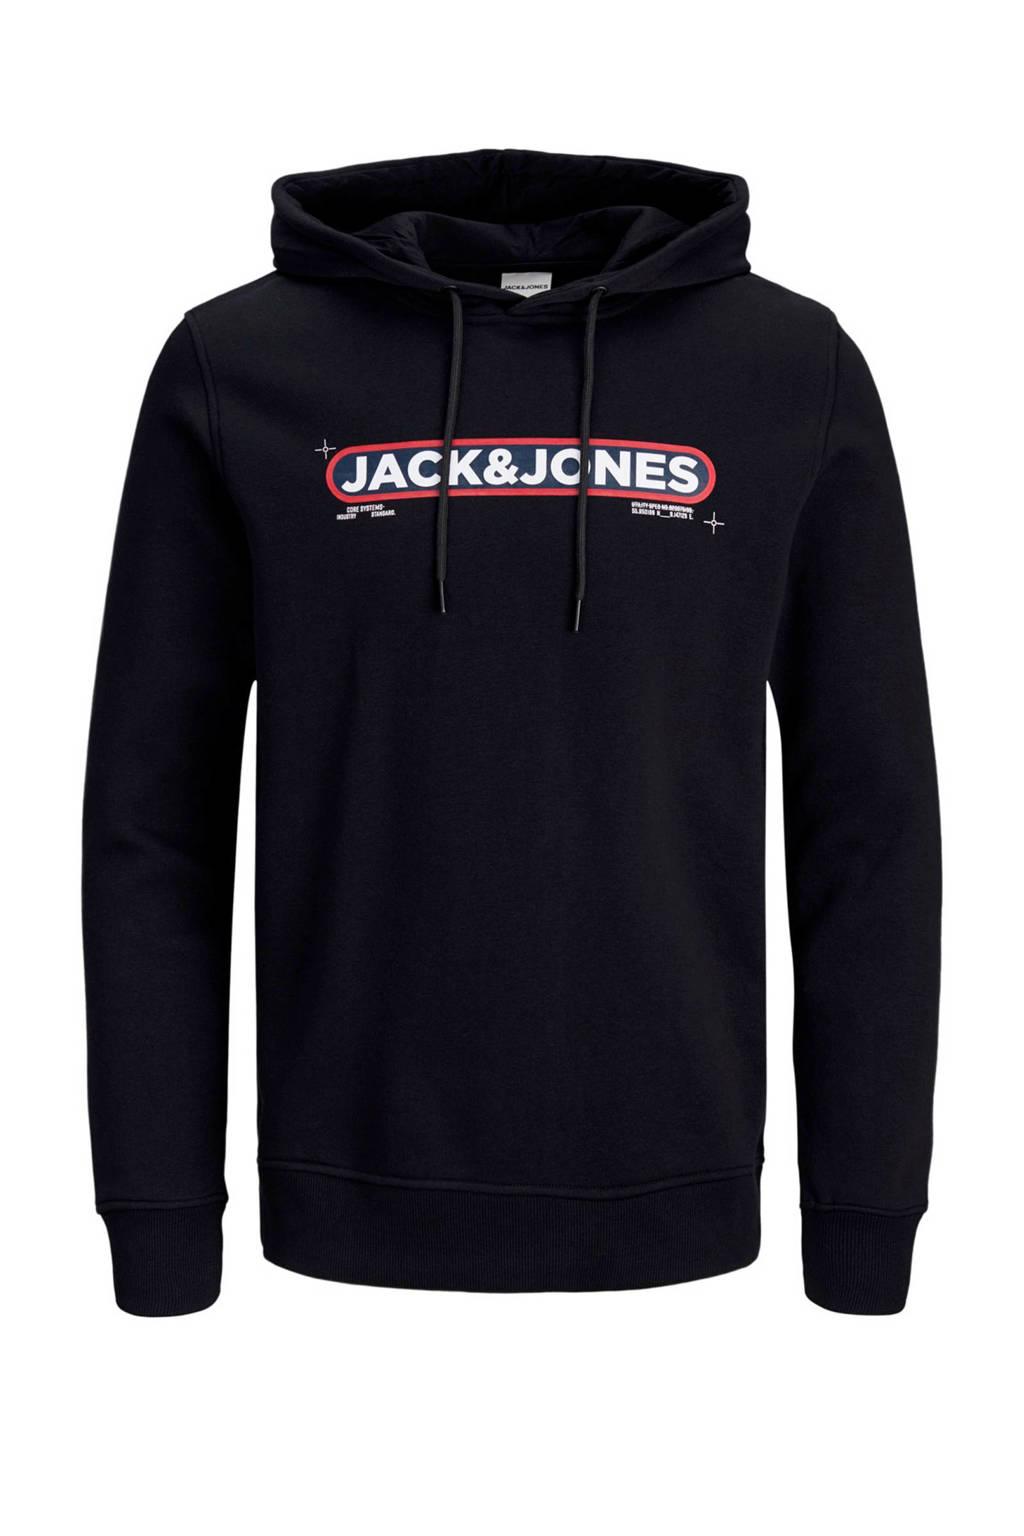 JACK & JONES CORE hoodie met tekst zwart, Zwart